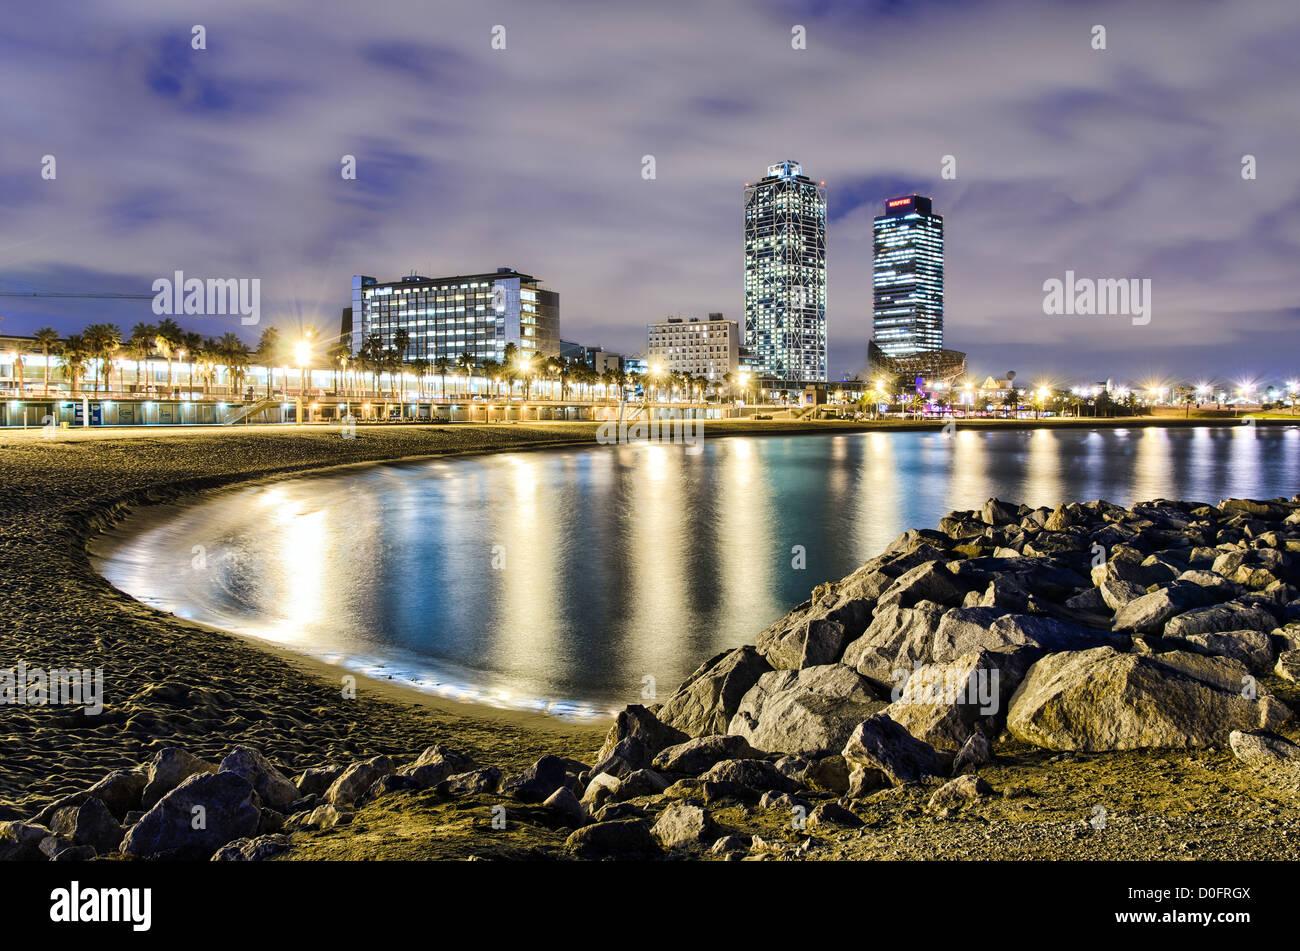 Costa de Barcelona en la noche con una vista del hotel torres, España Imagen De Stock